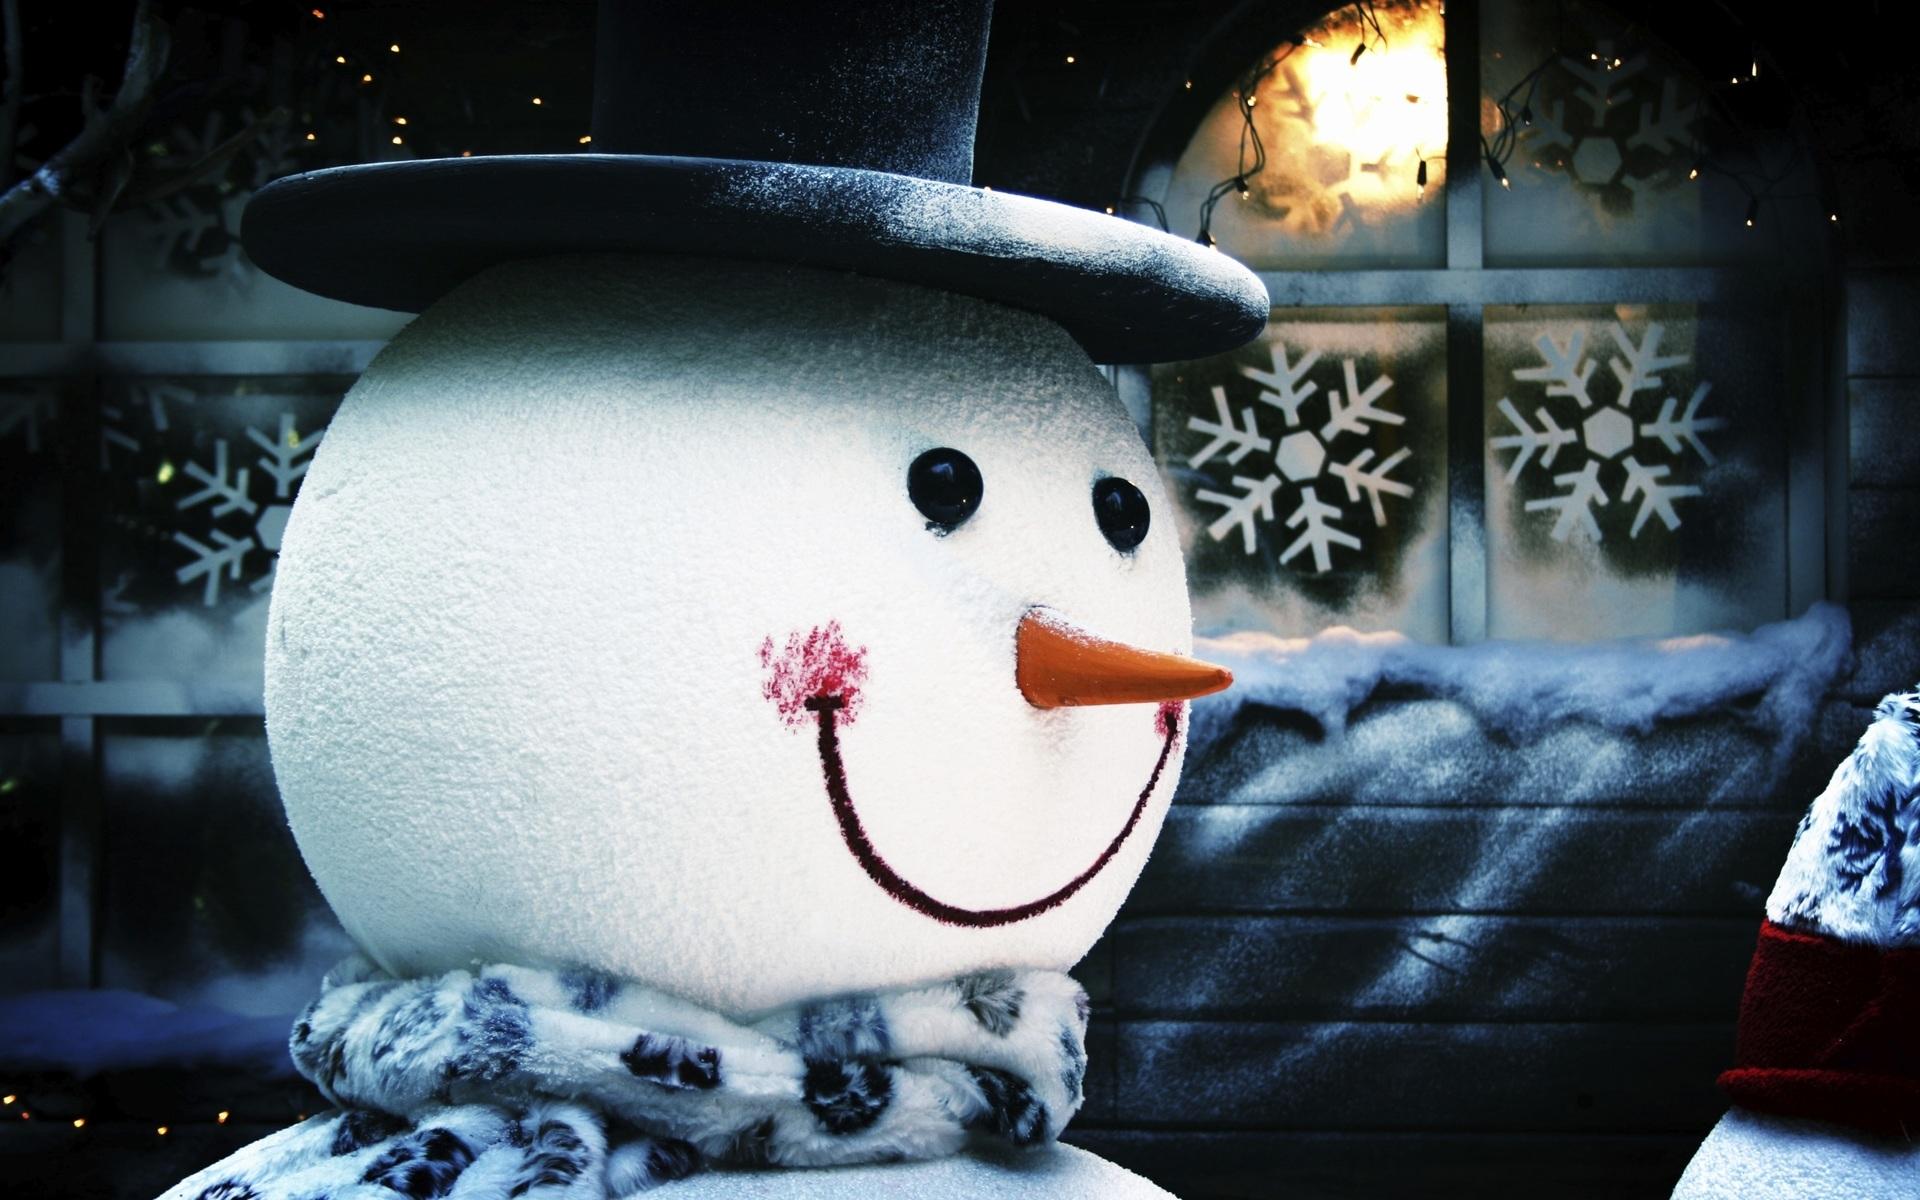 картинки на рабочий стол веселые зима приобретение вещей дорогих